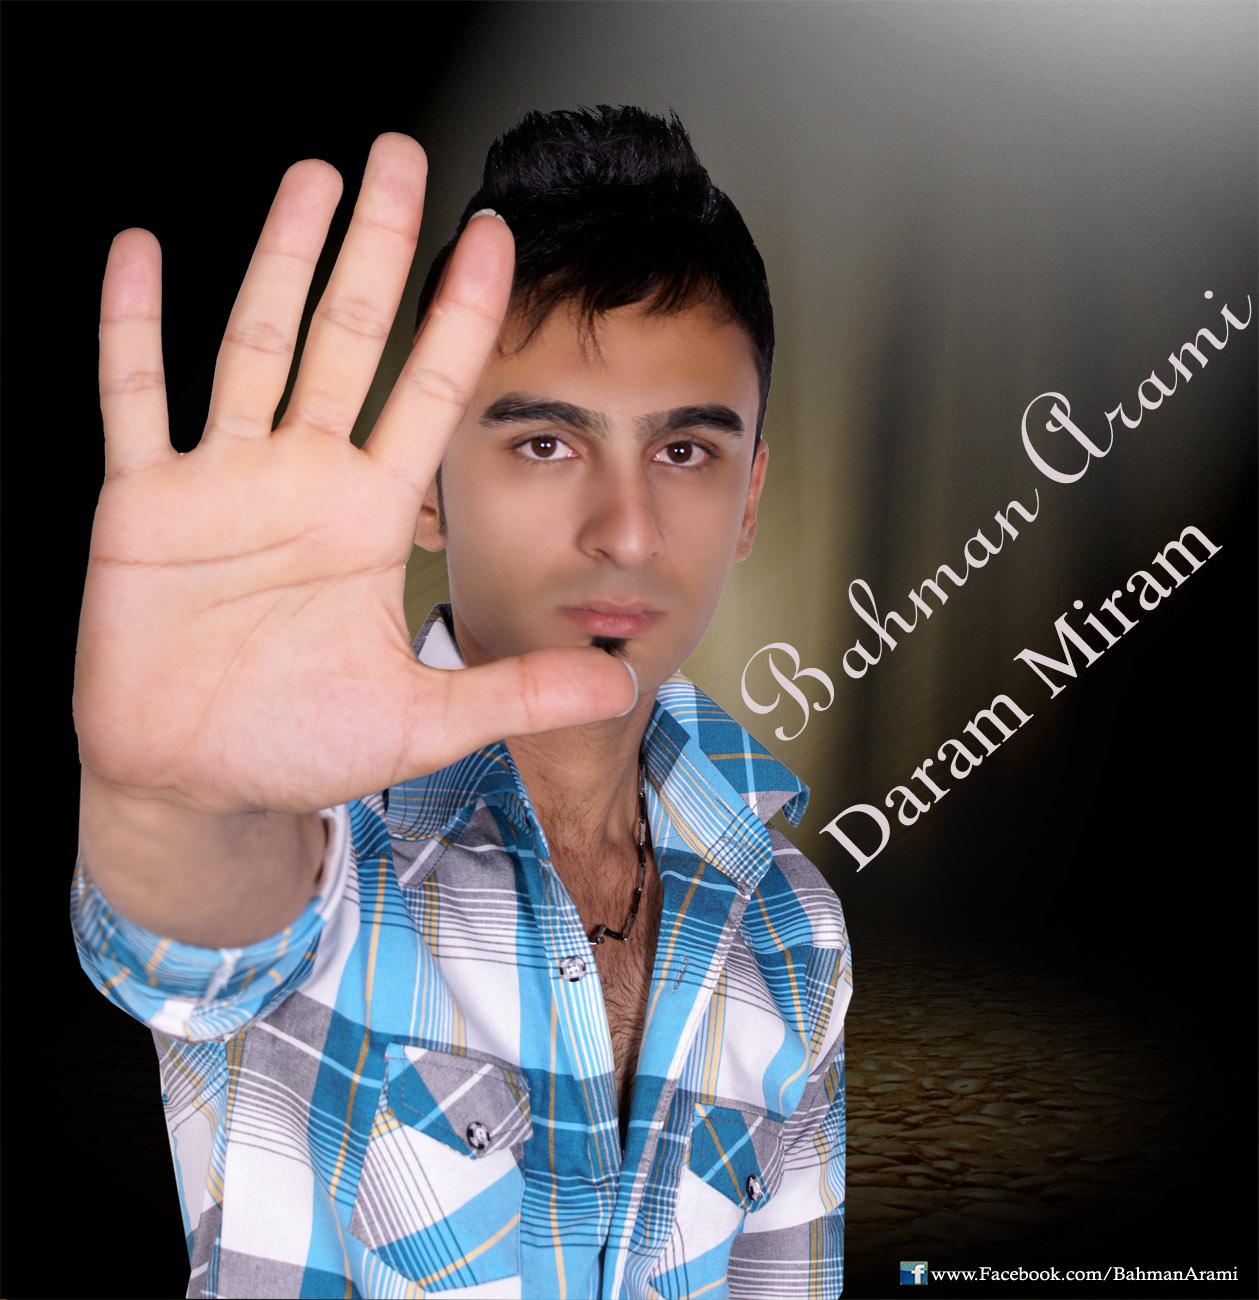 دانلود آهنگ جدید بهمن آرامي دارم ميرم